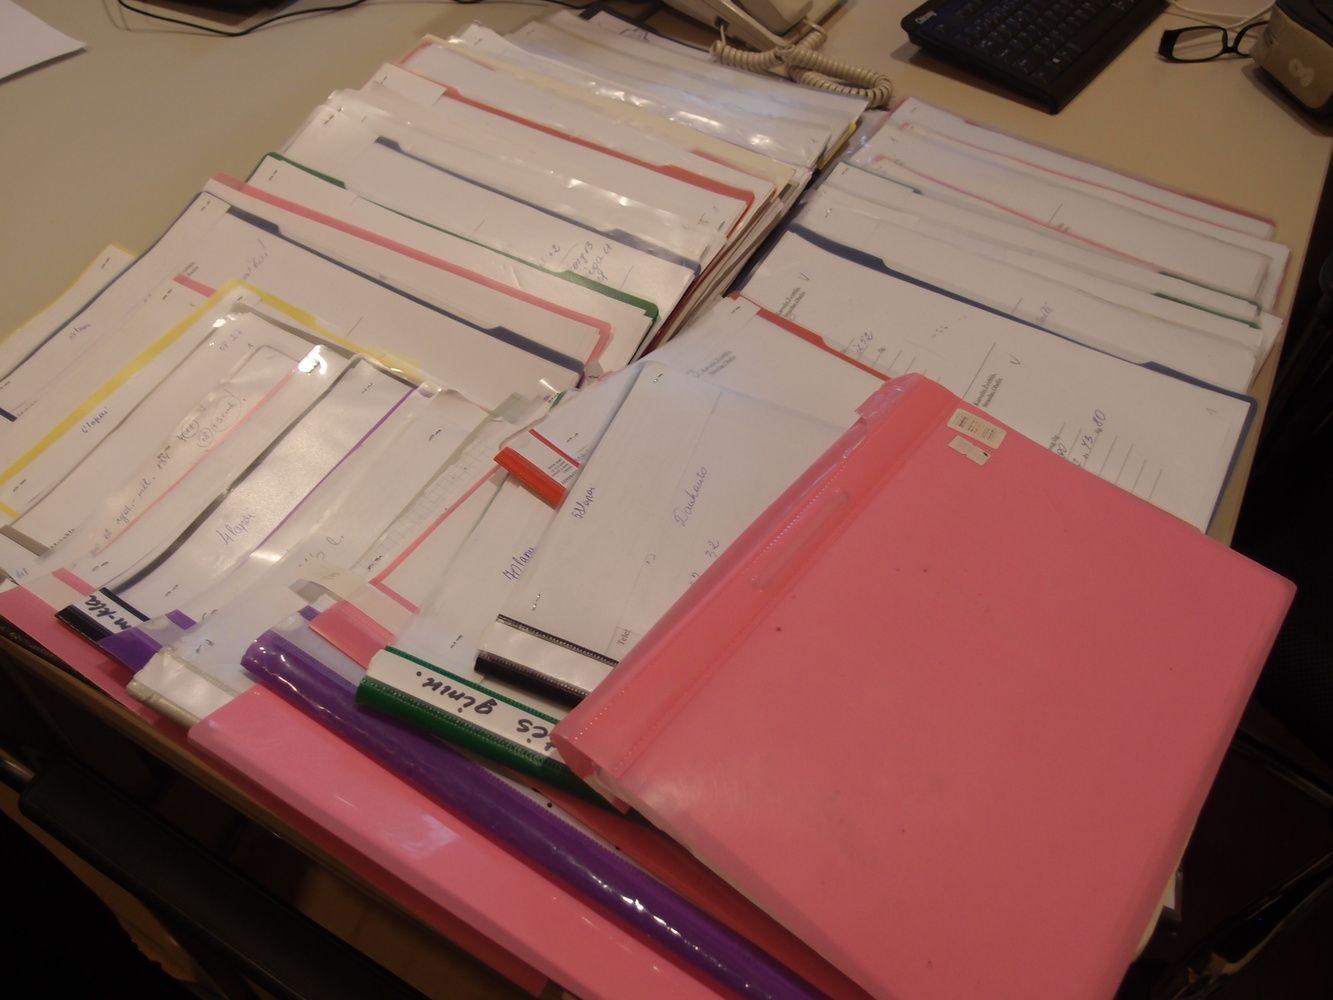 Uniformas siuvanti įmonė slėpė mokesčius: per dieną, įtariama, neapskaitydavo iki 600 Eur